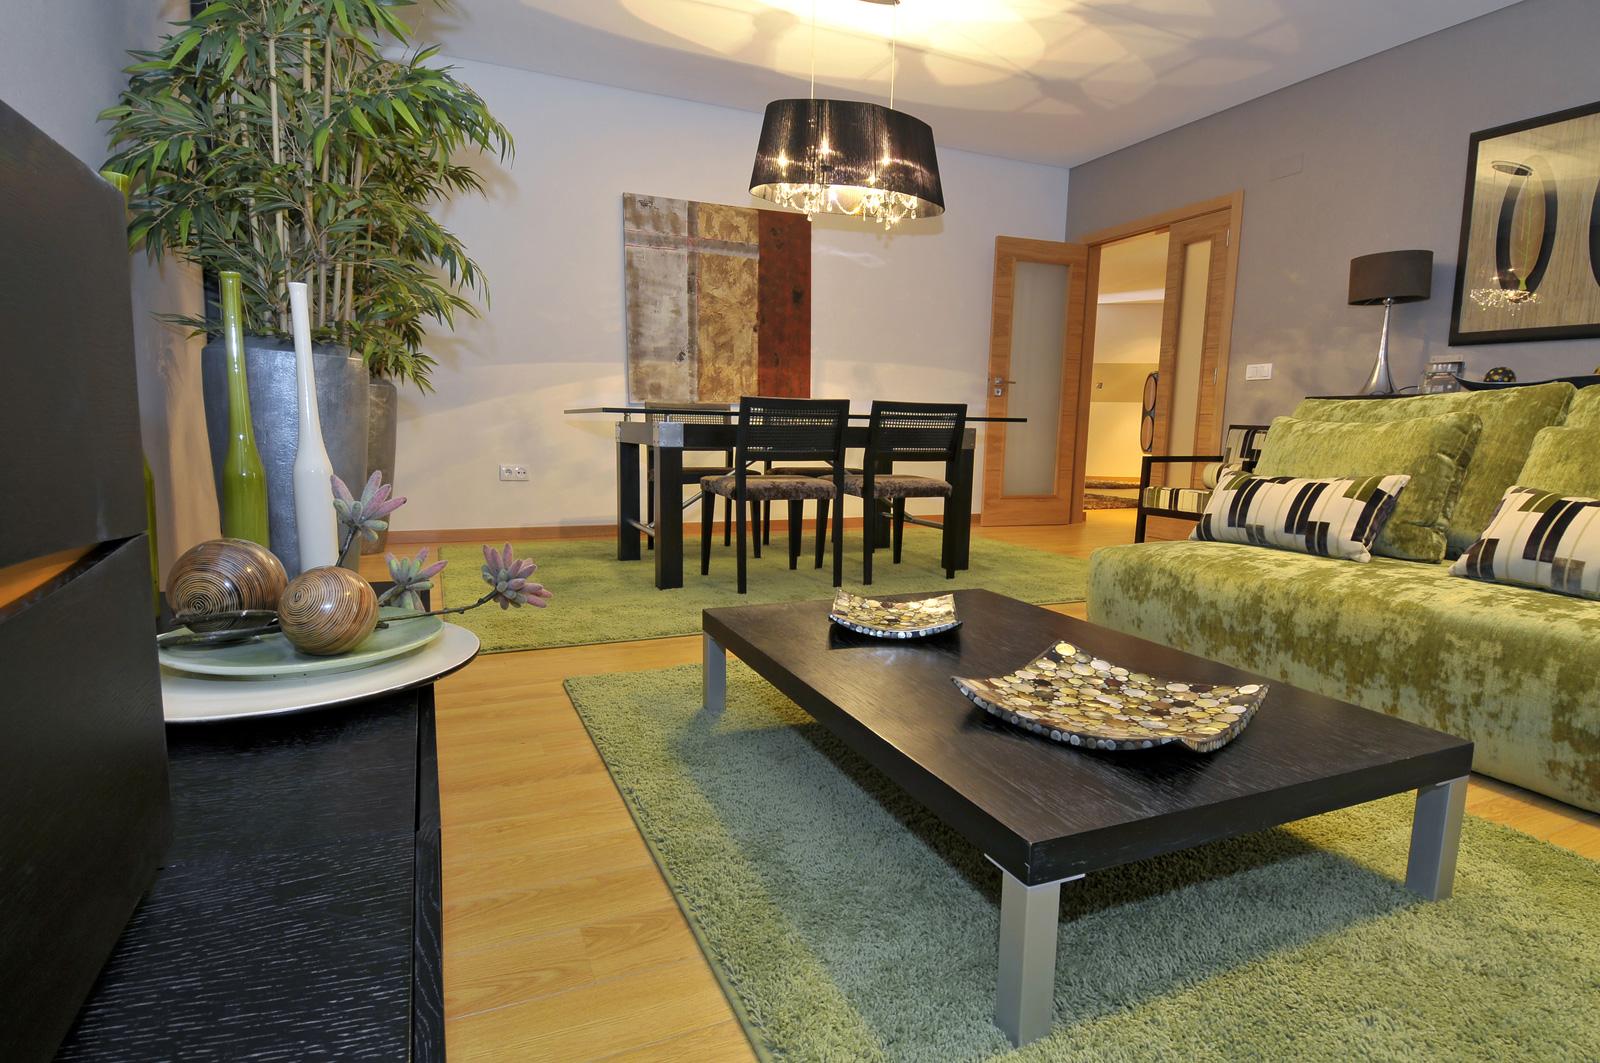 افكار غرف جلوس مع طاولة طعام مدهشة | المرسال